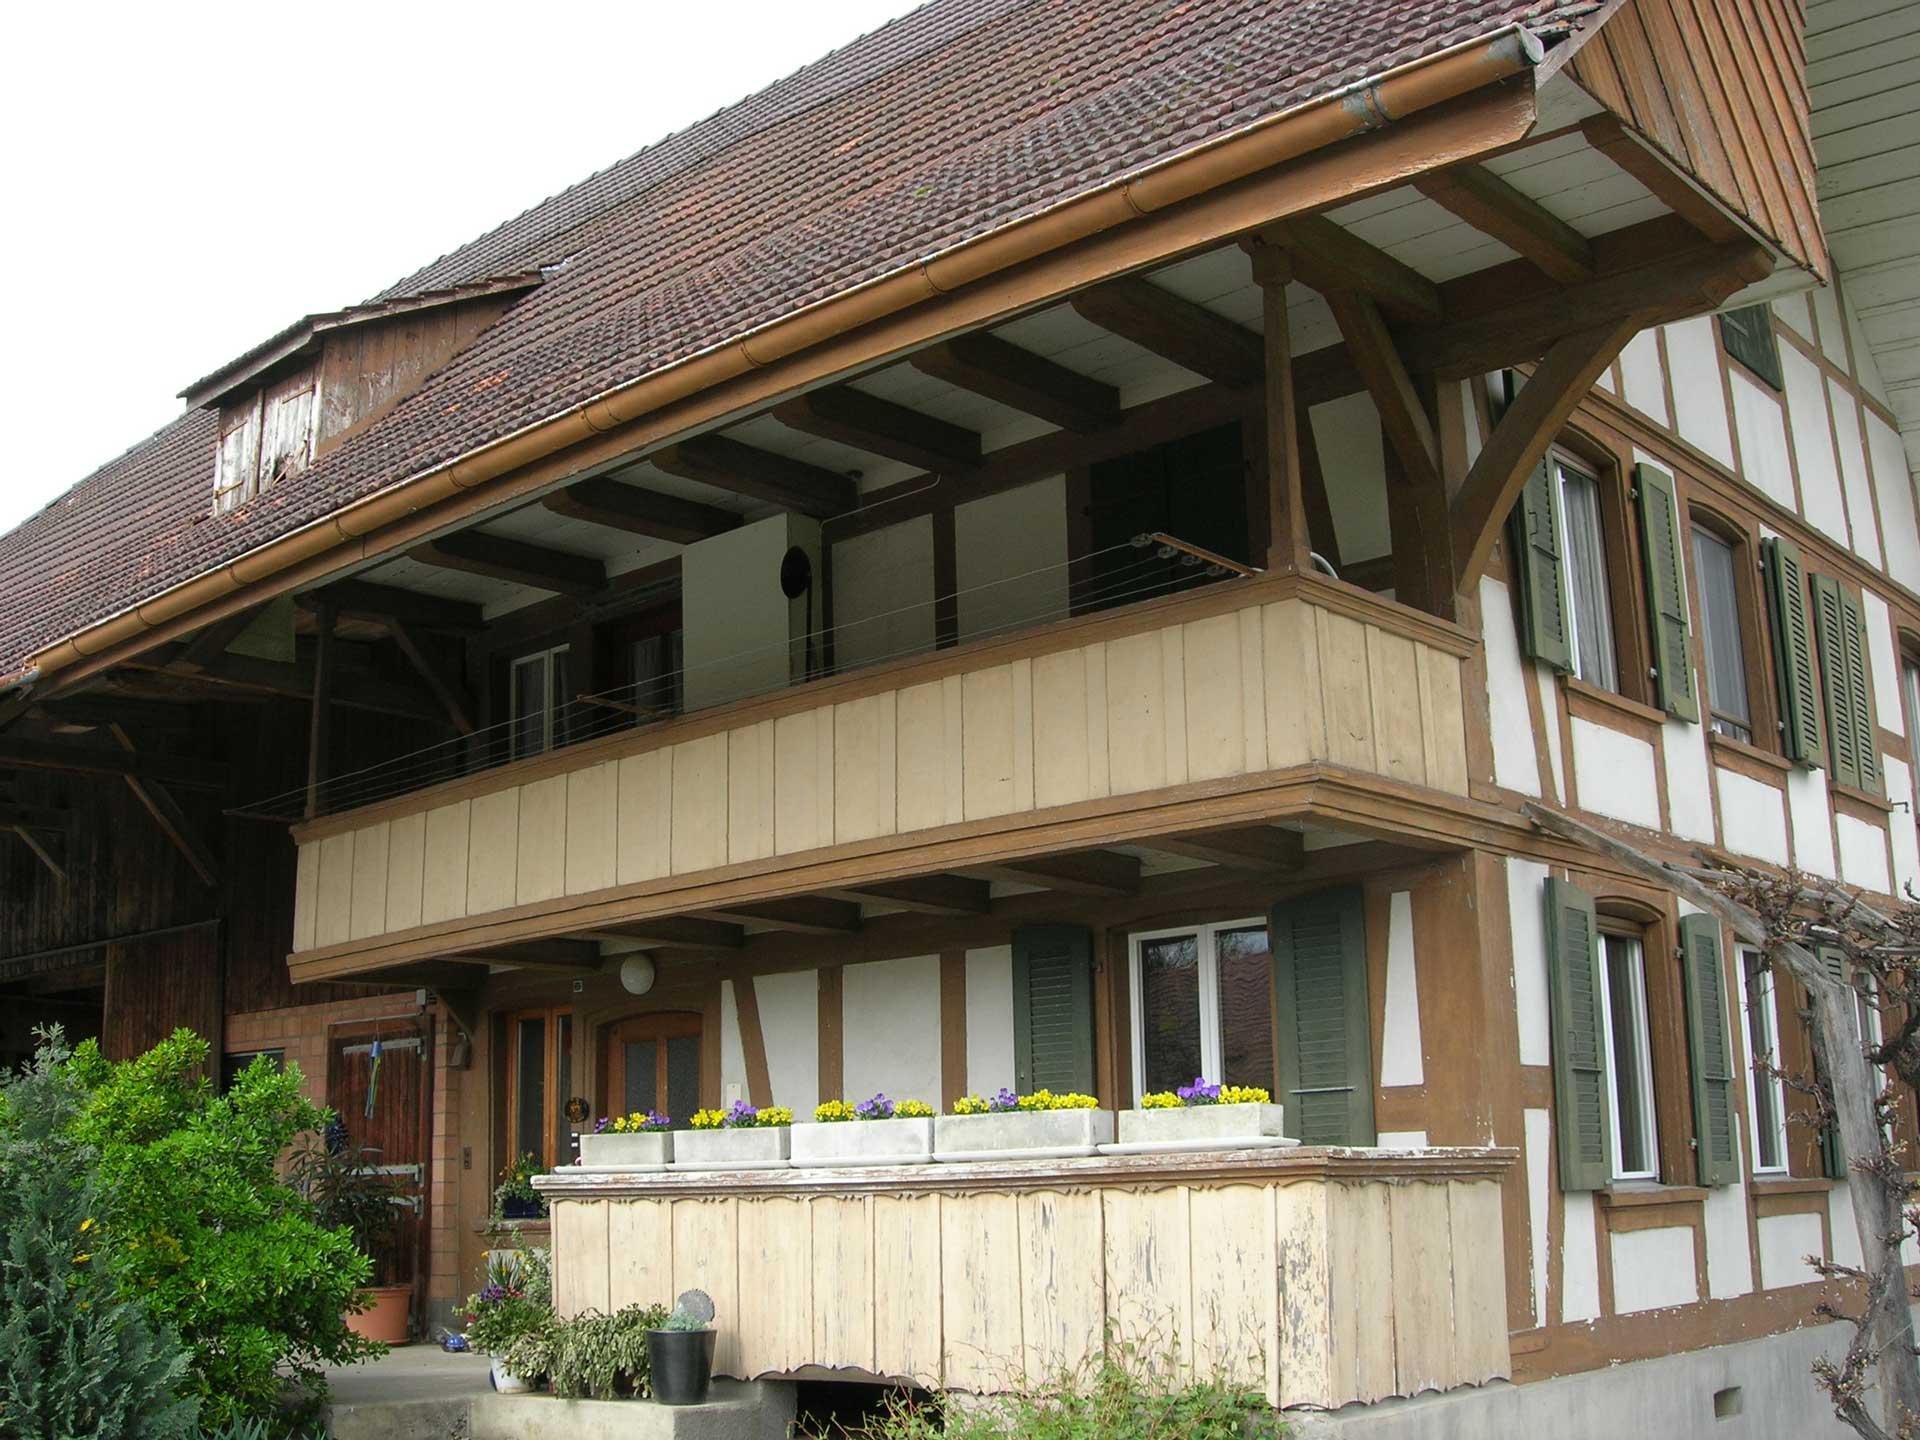 Bauernhaus | Epsach